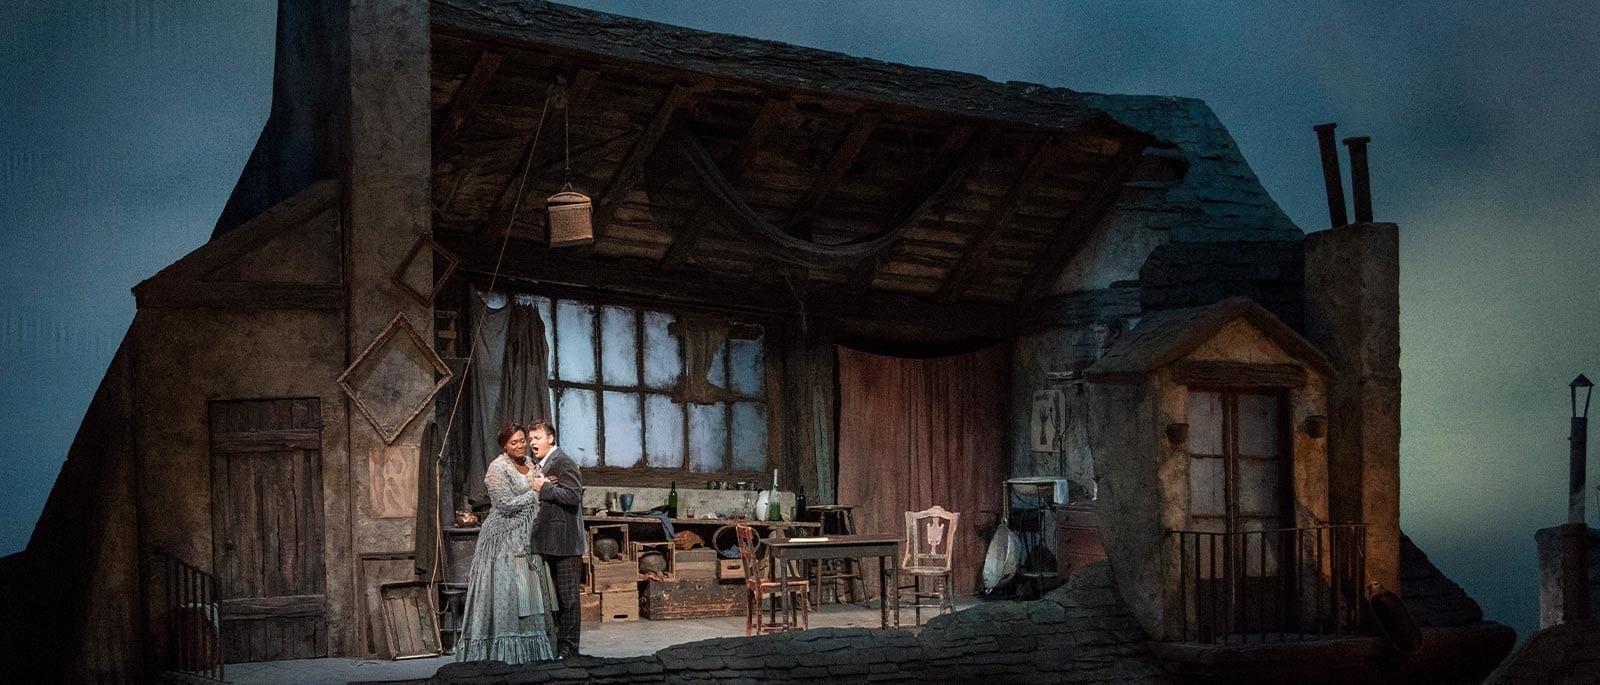 La Bohème at the Metropolitan Opera, feat. Lucas Meachem as Marcello